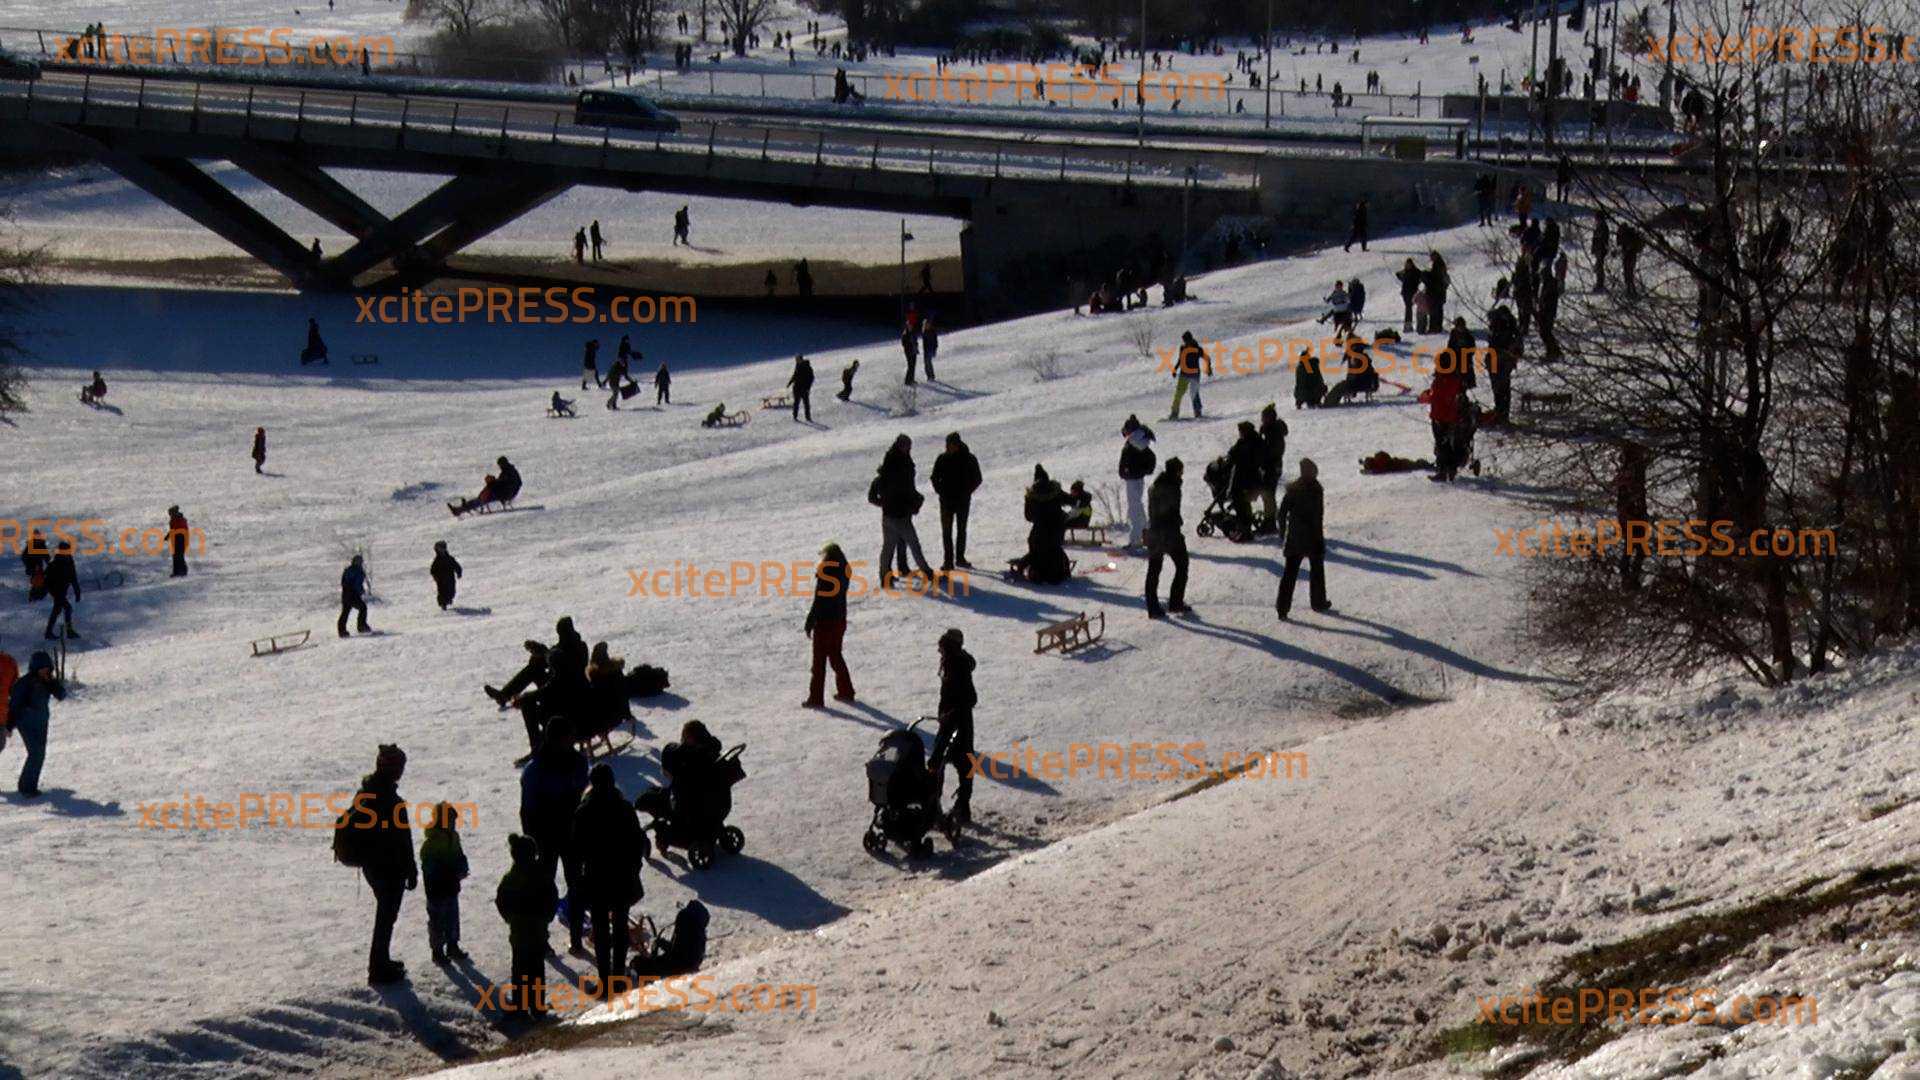 Wunderschönes Winterwetter zieht die Dresdner vor die Tür: Ansturm auf Rodelhänge und seltene Eisfläche am Elbufer